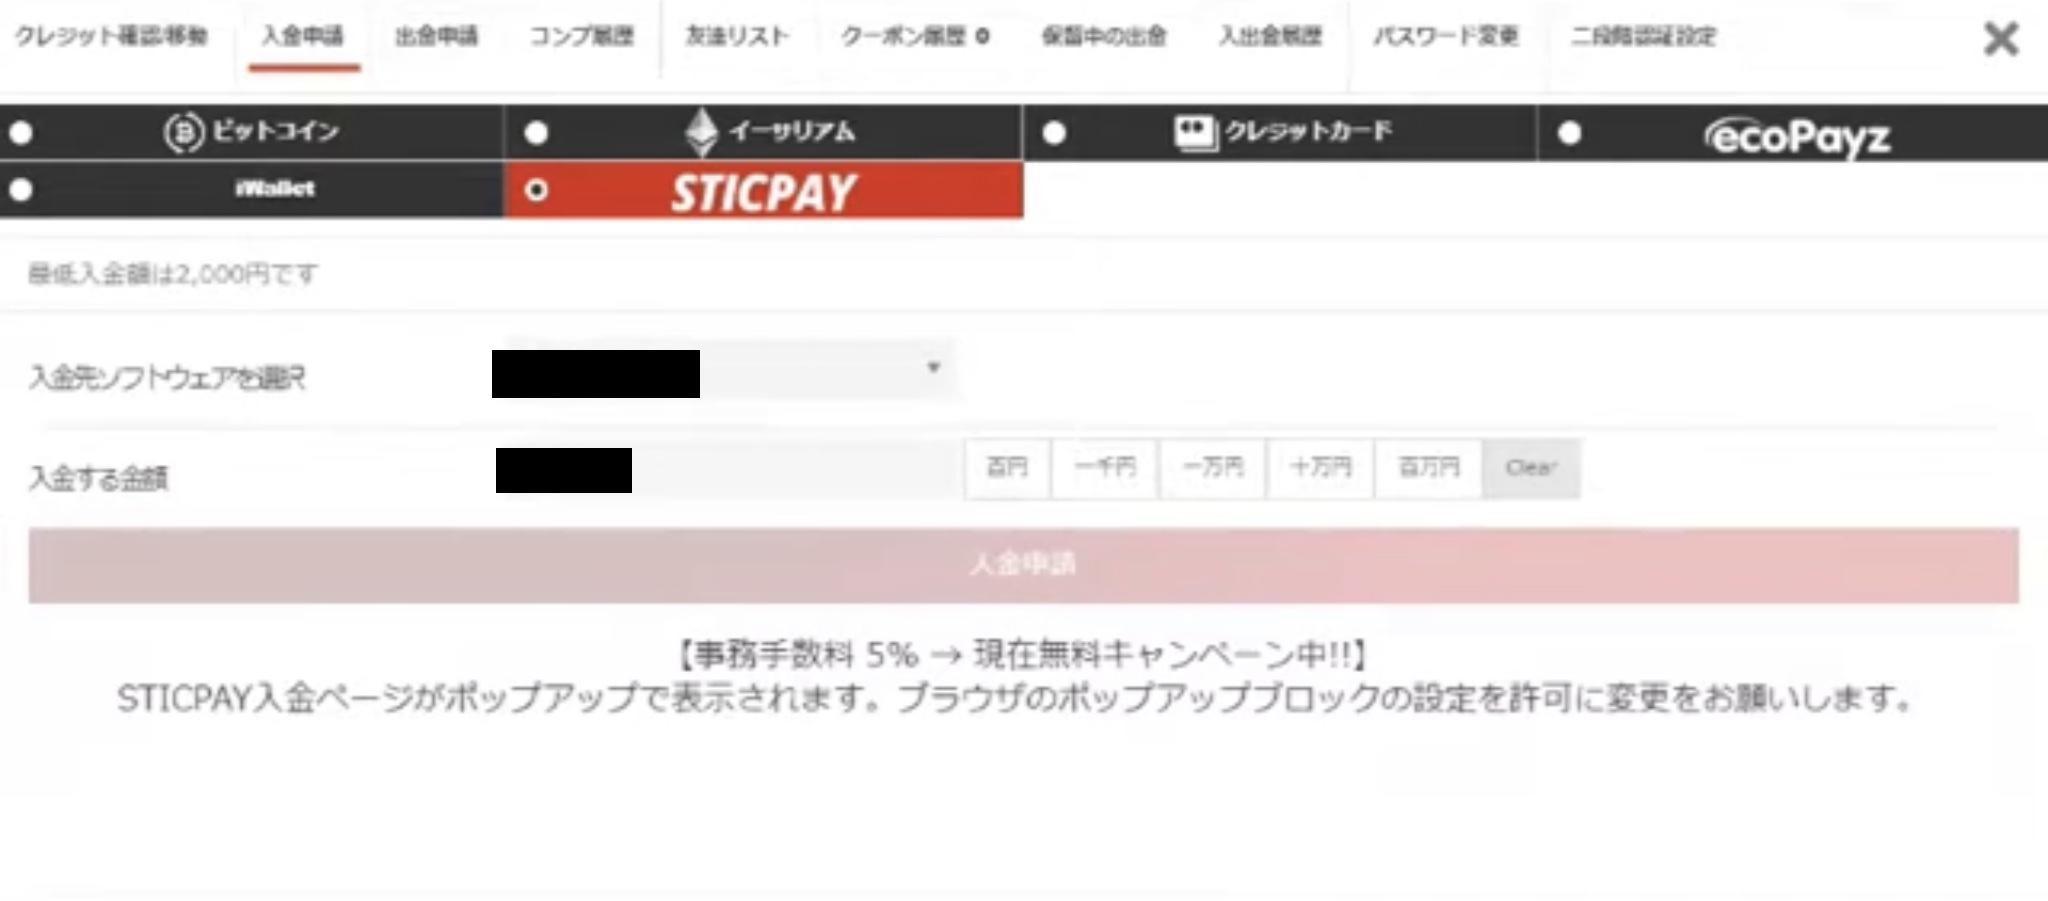 ① サイトのトップページ左上の【入金申請】をクリックするとこのようなページが表示されます。上部の【STICPAY】のボタンをクリックして、入金先ソフトウェアを選択、入金する金額を入力します。